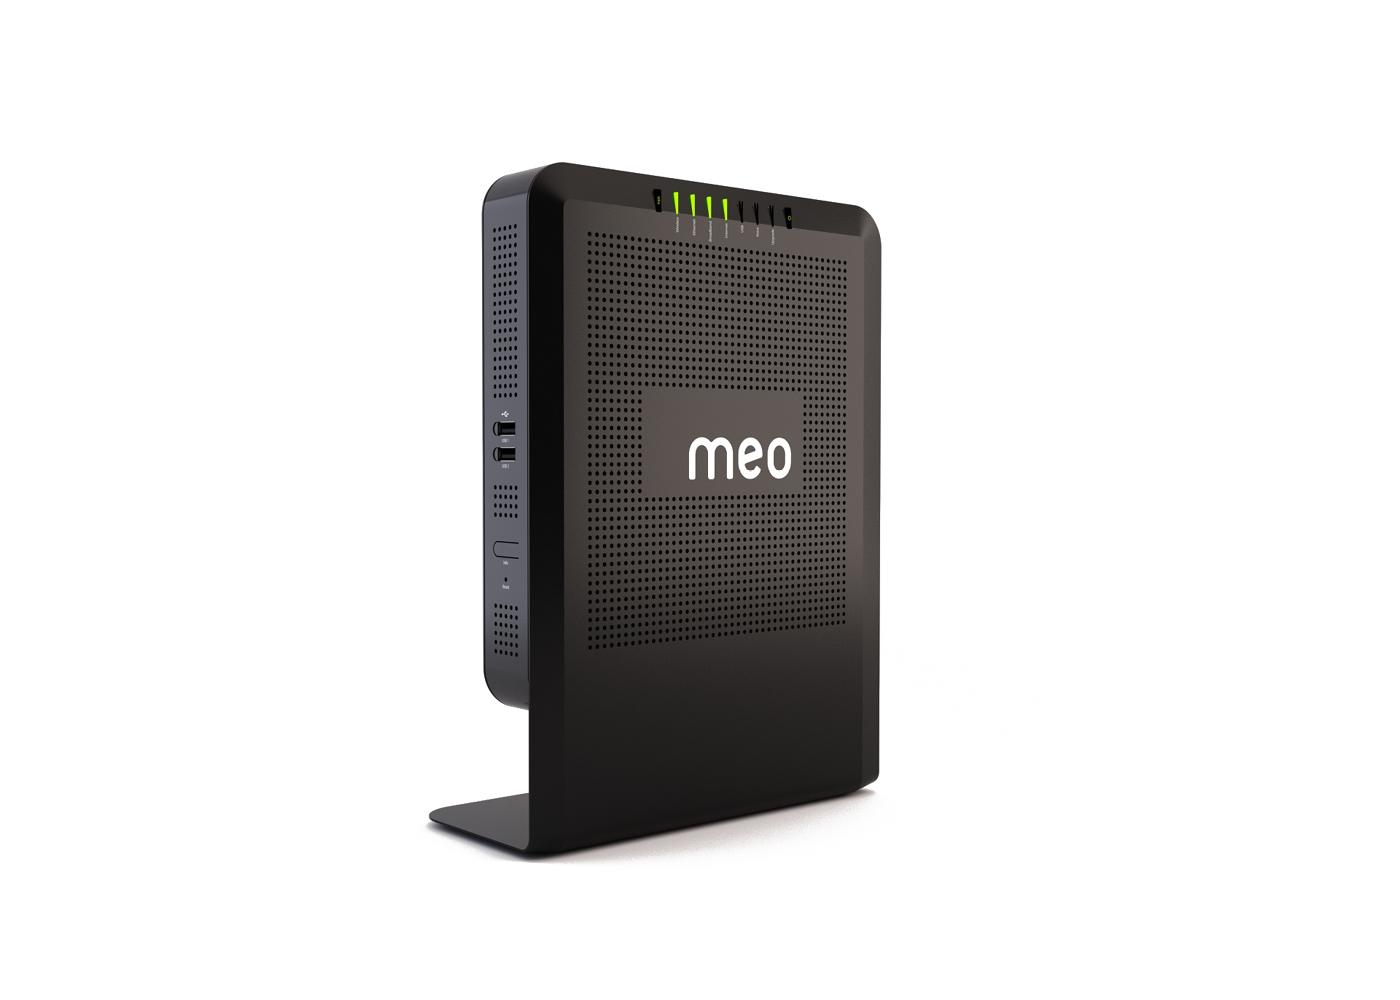 meo_09